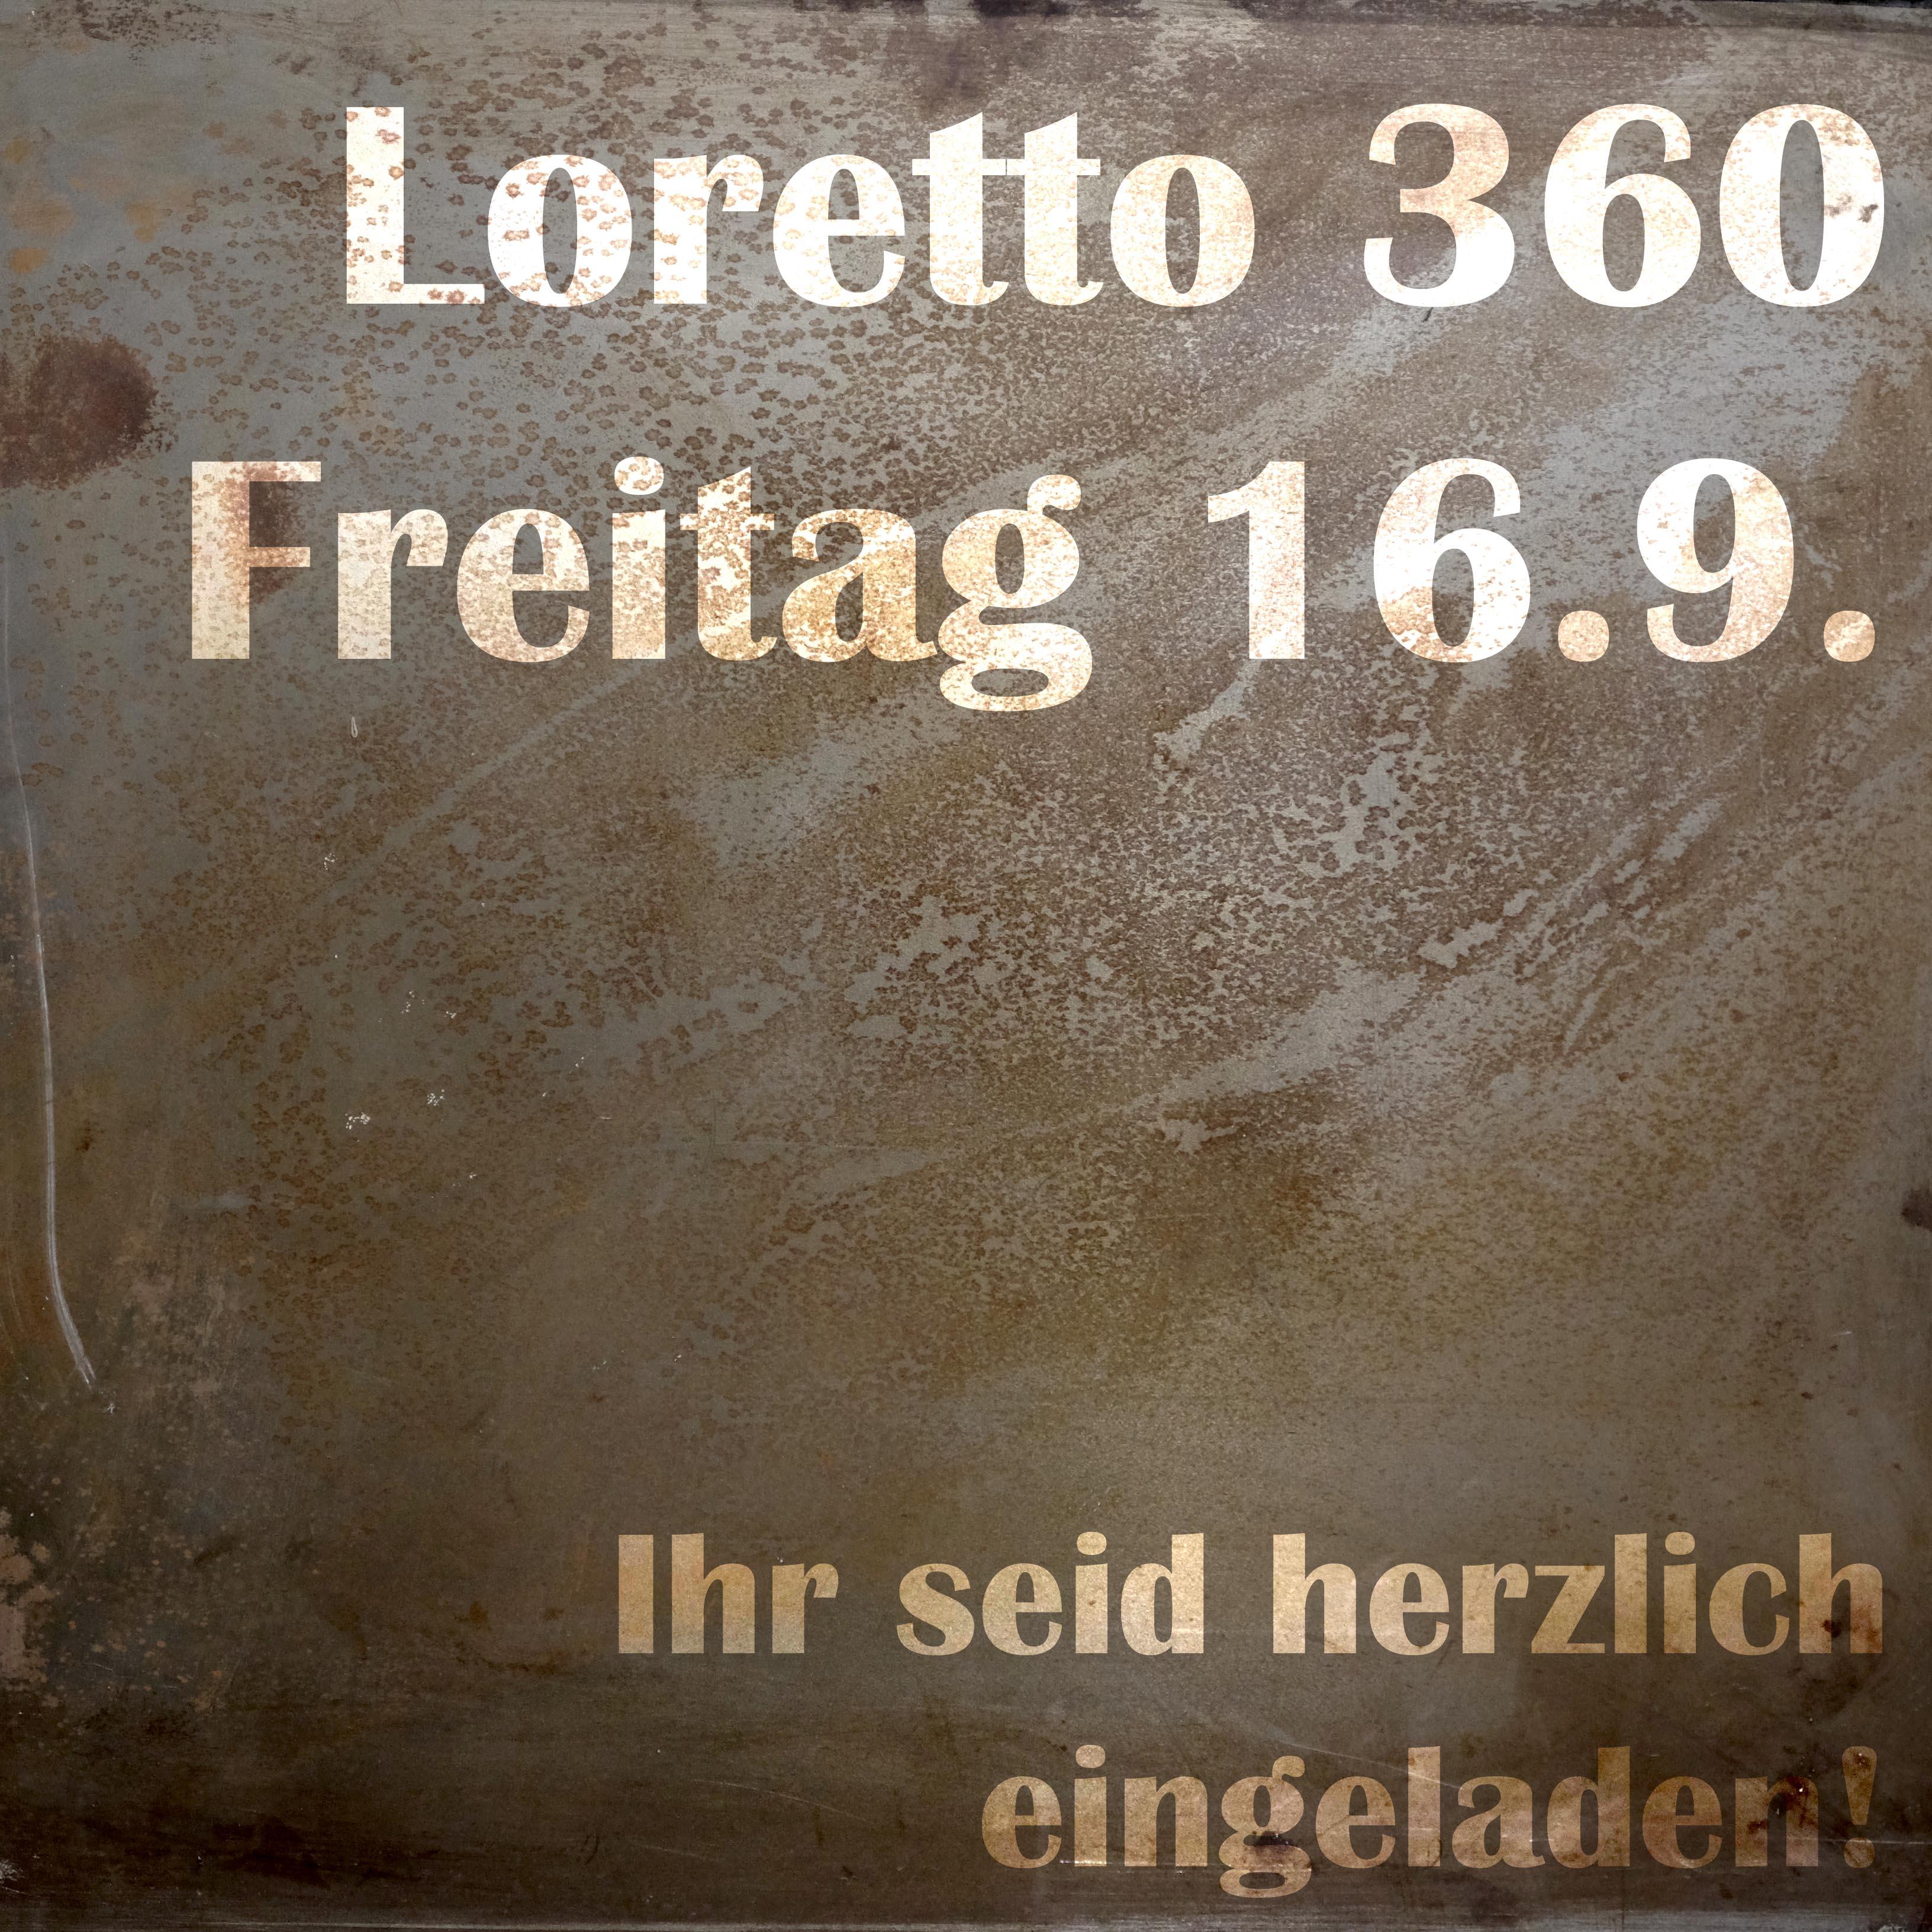 loretto-360